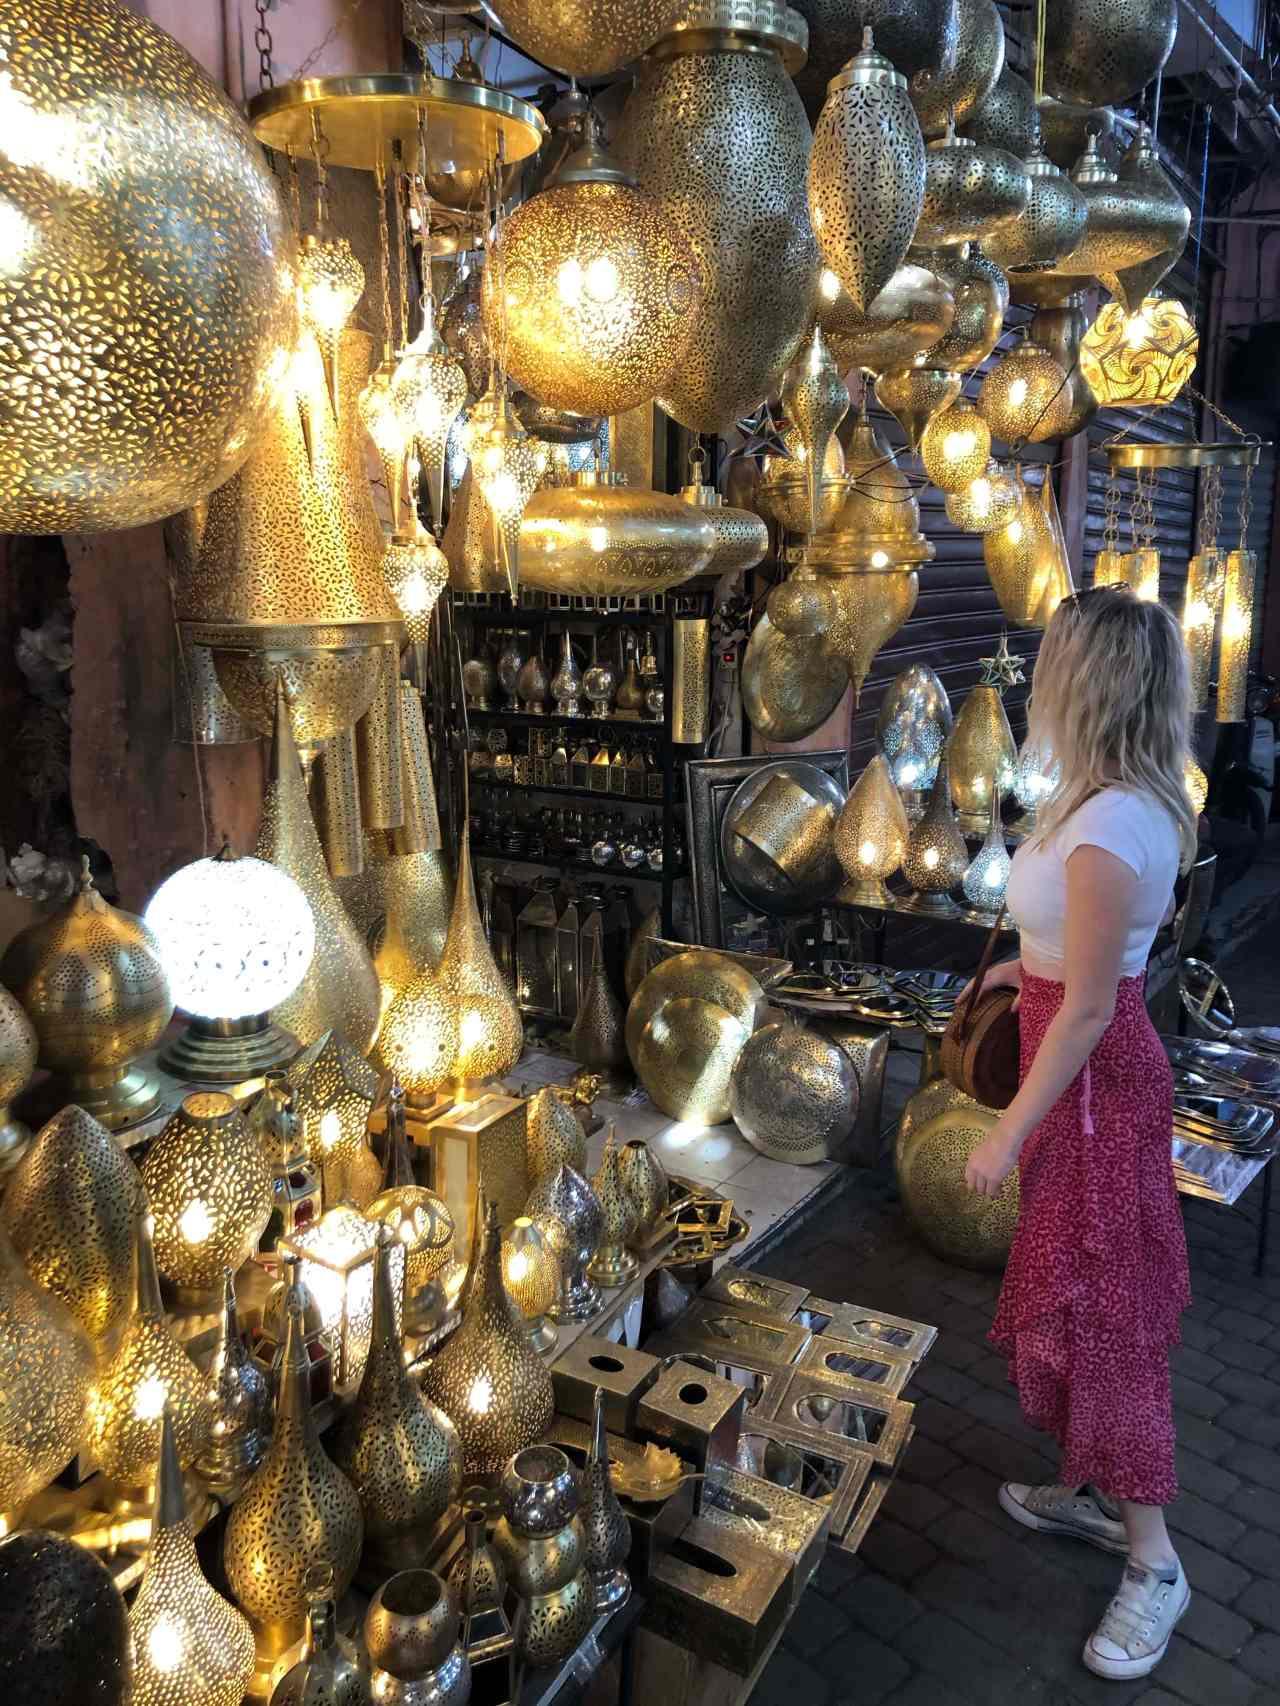 Lamp souk in Marrakech